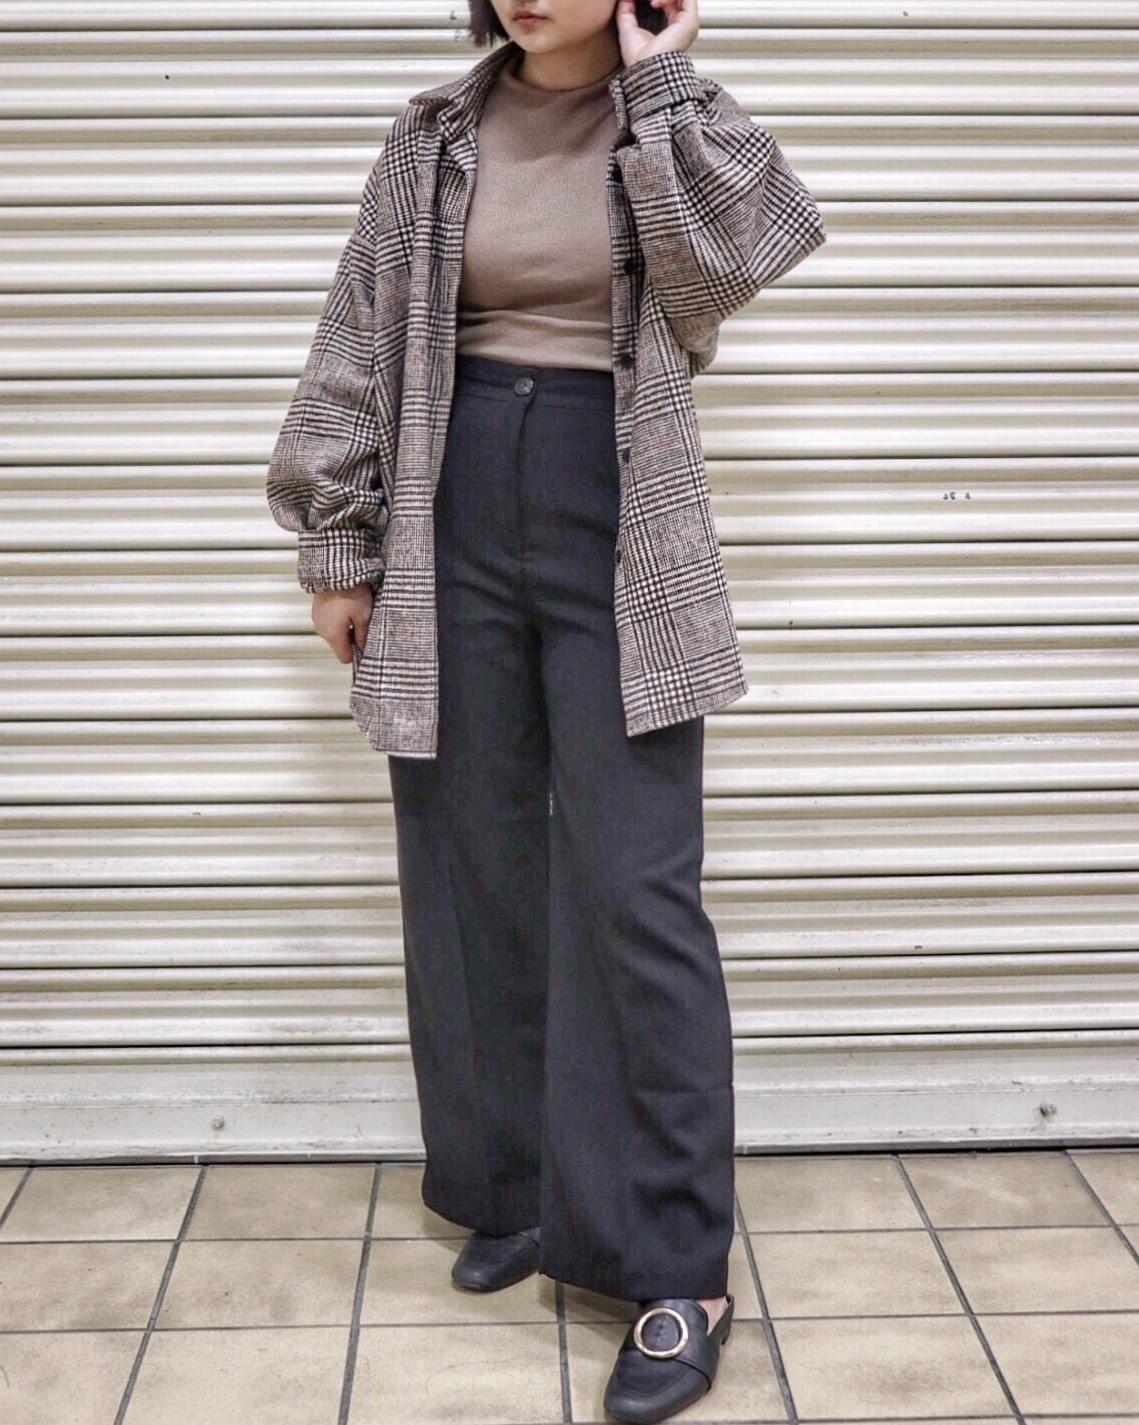 #推薦褲款2 被所有朋友譽為神褲的它真的超修飾!這個女孩它才150cm,可是看起來完全不像!這件褲子高腰,大大增加了視覺長的腿長!西裝布的材質,也讓你正式休閒一舉兩得!重點是它的價位也很便宜,下手完全不心疼!